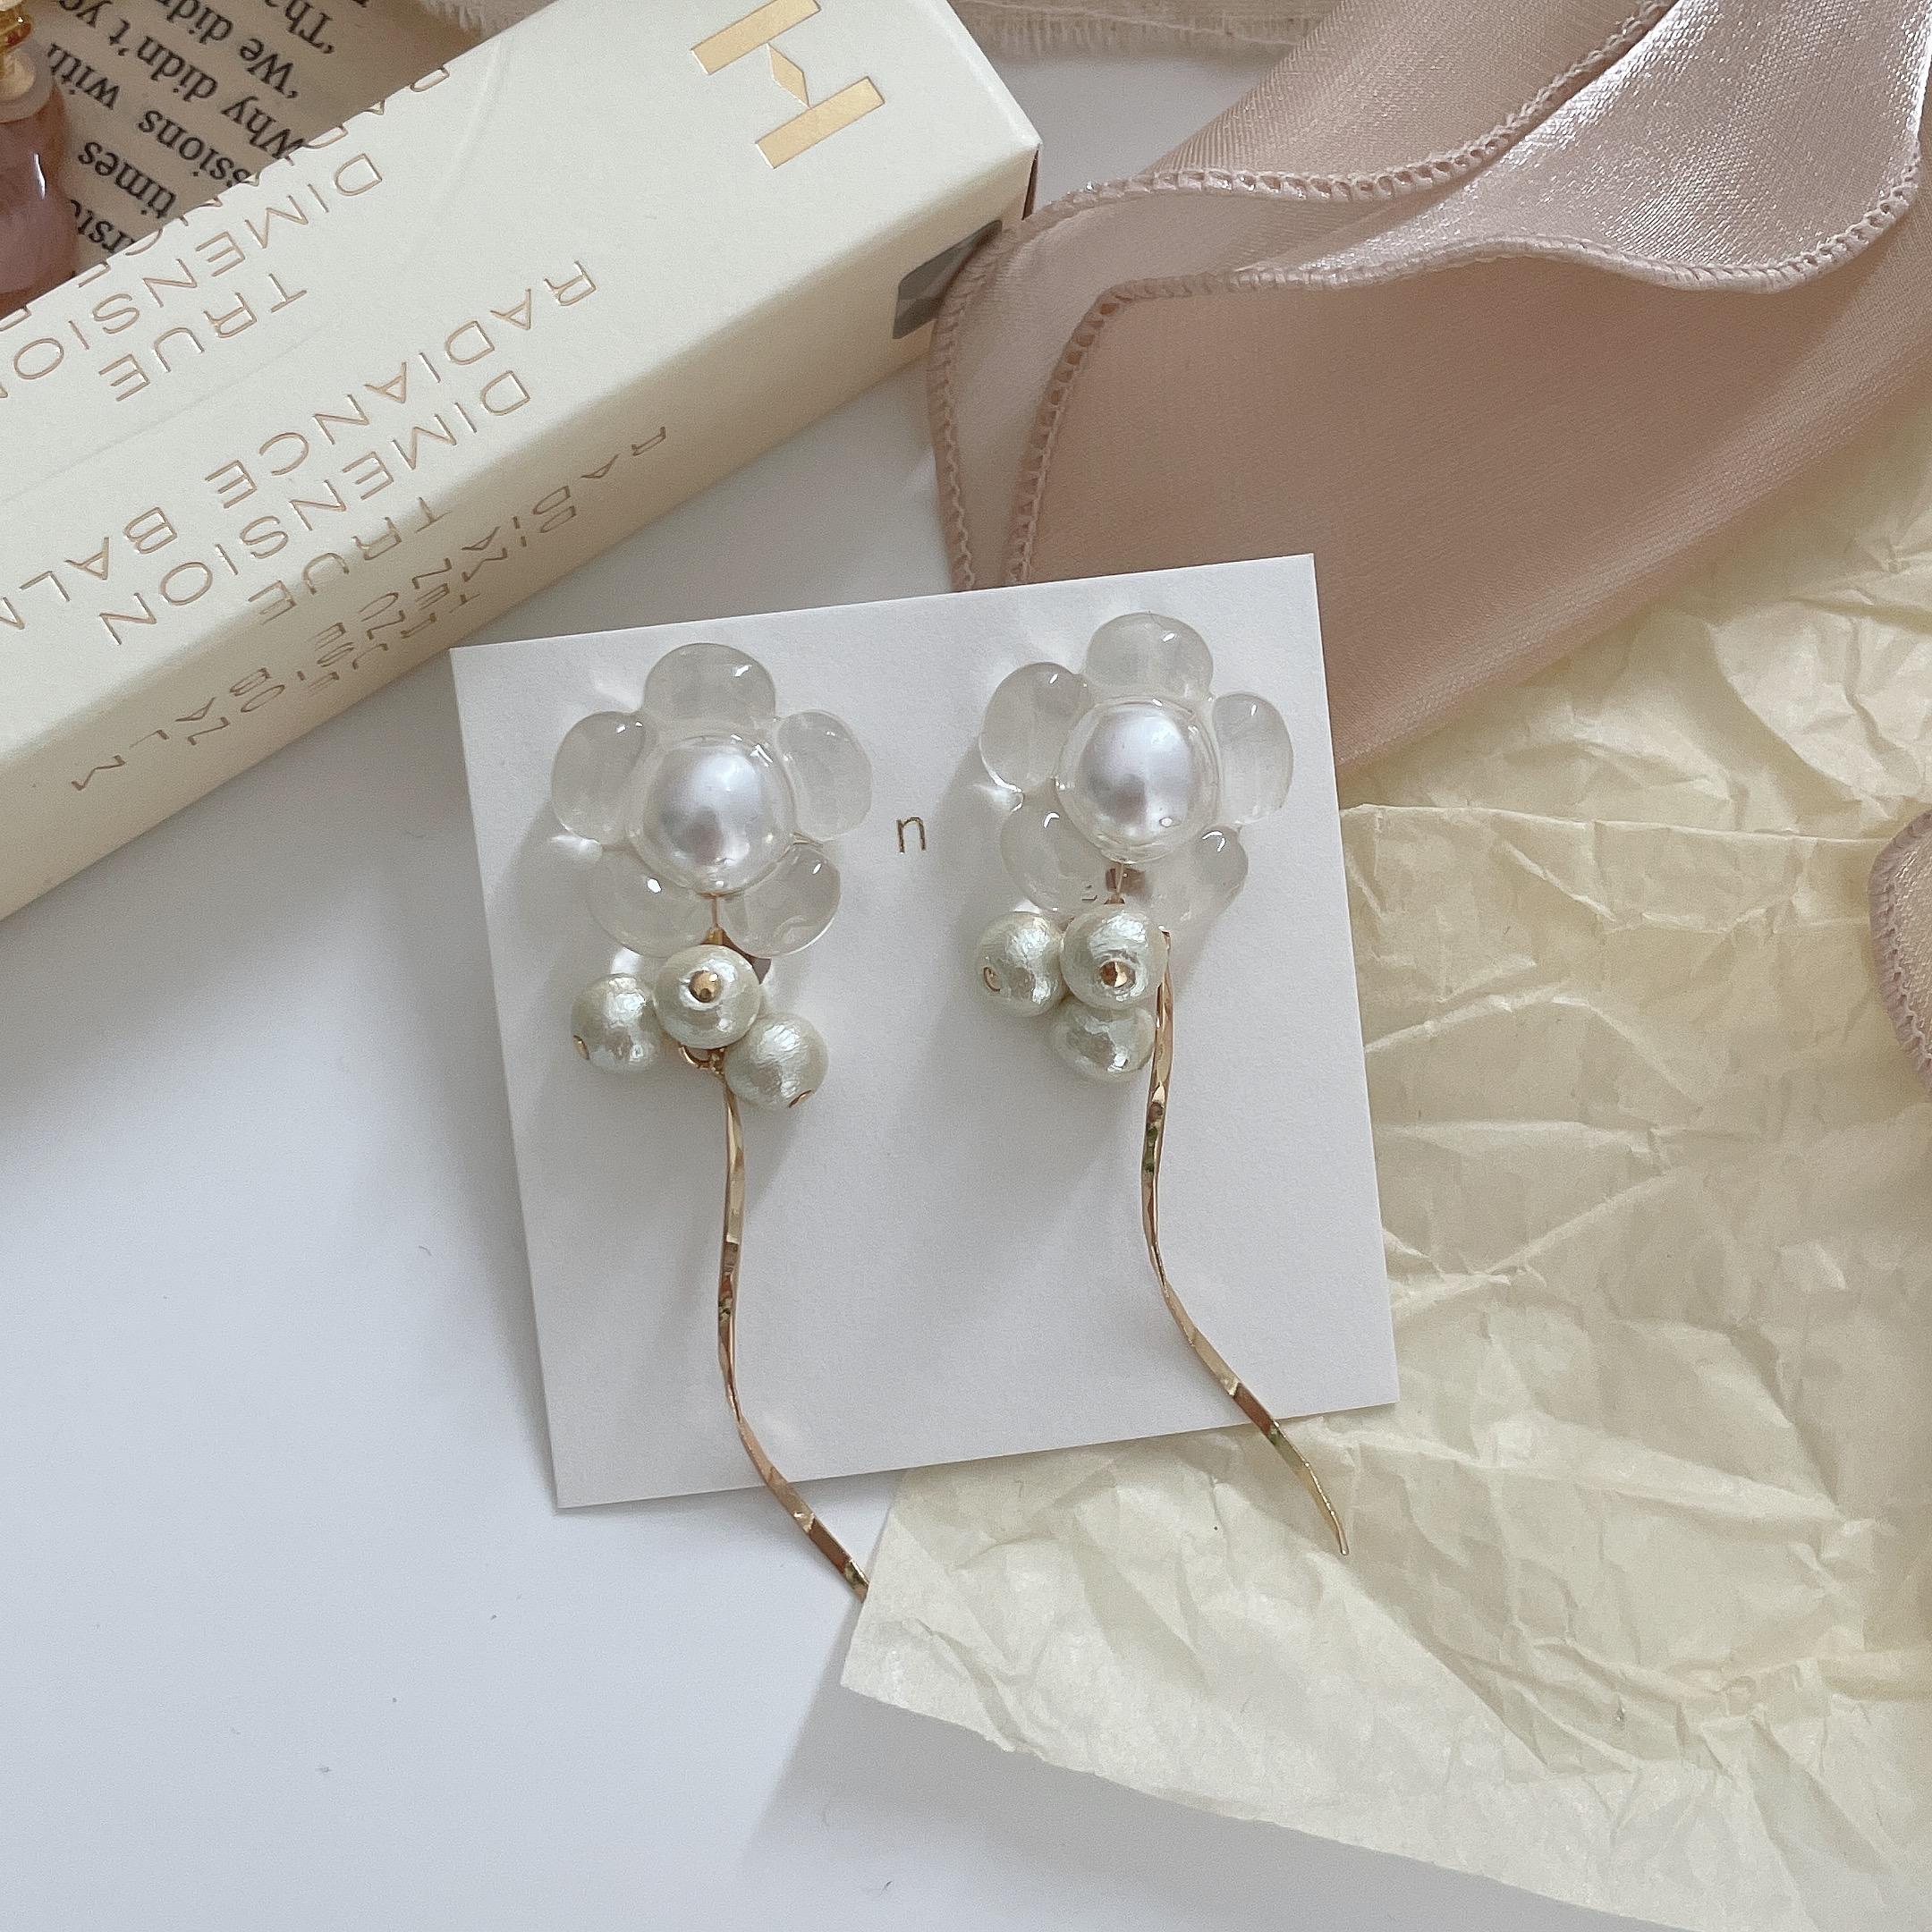 追いかけ pearl flower